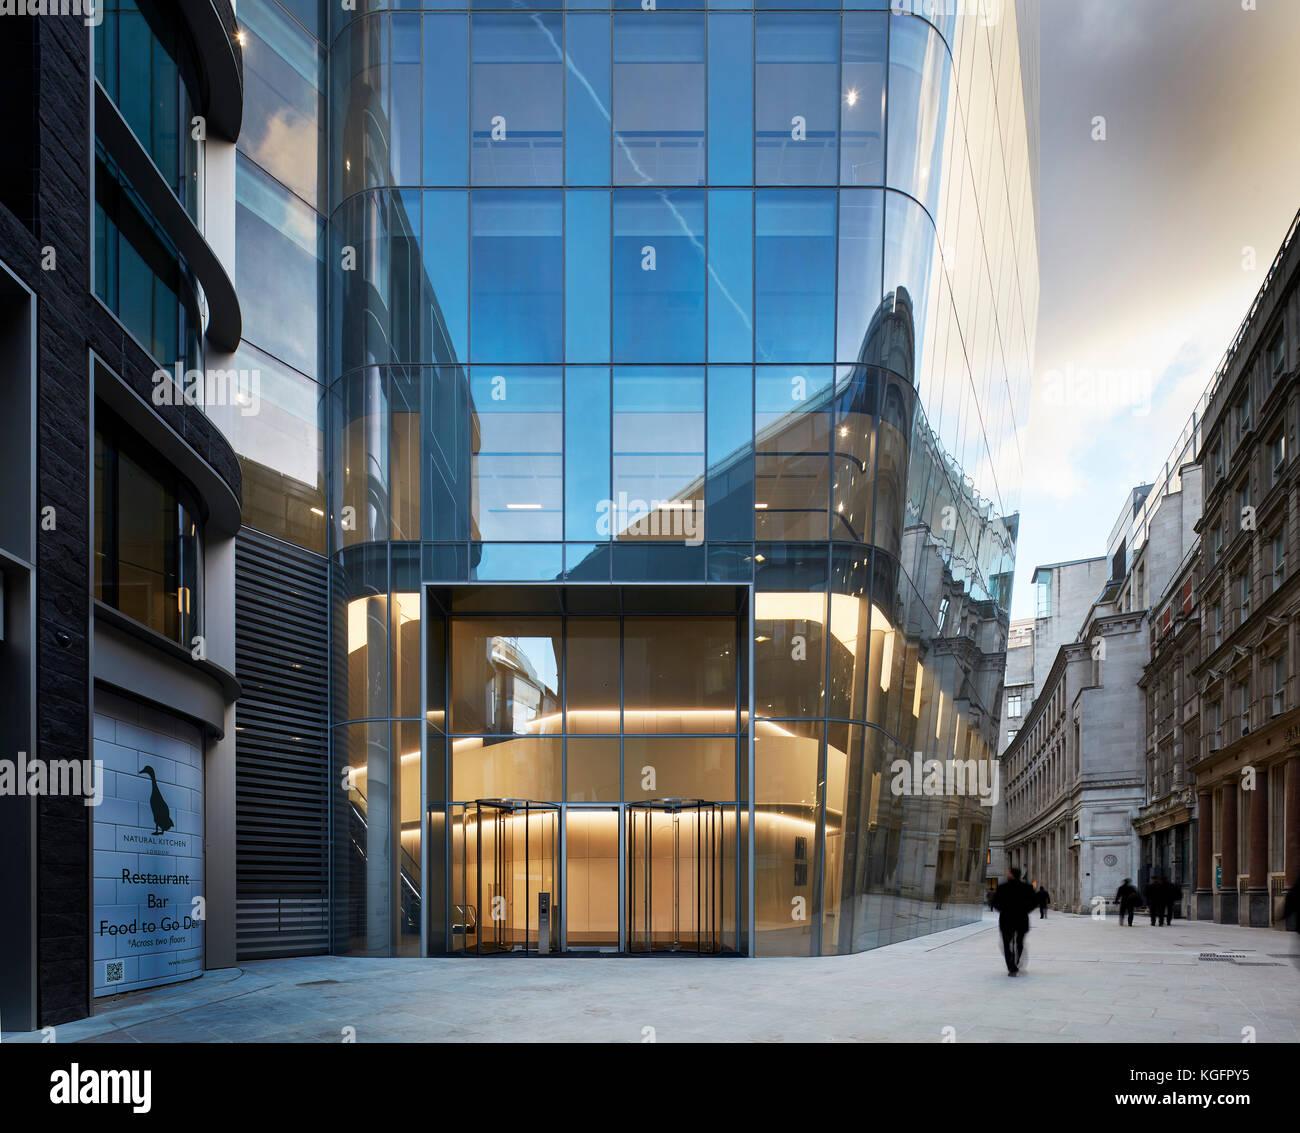 Ansicht von der Straße. Engel, London, Großbritannien Architekt: Fletcher Priester Architekten llp, 2017. Stockbild